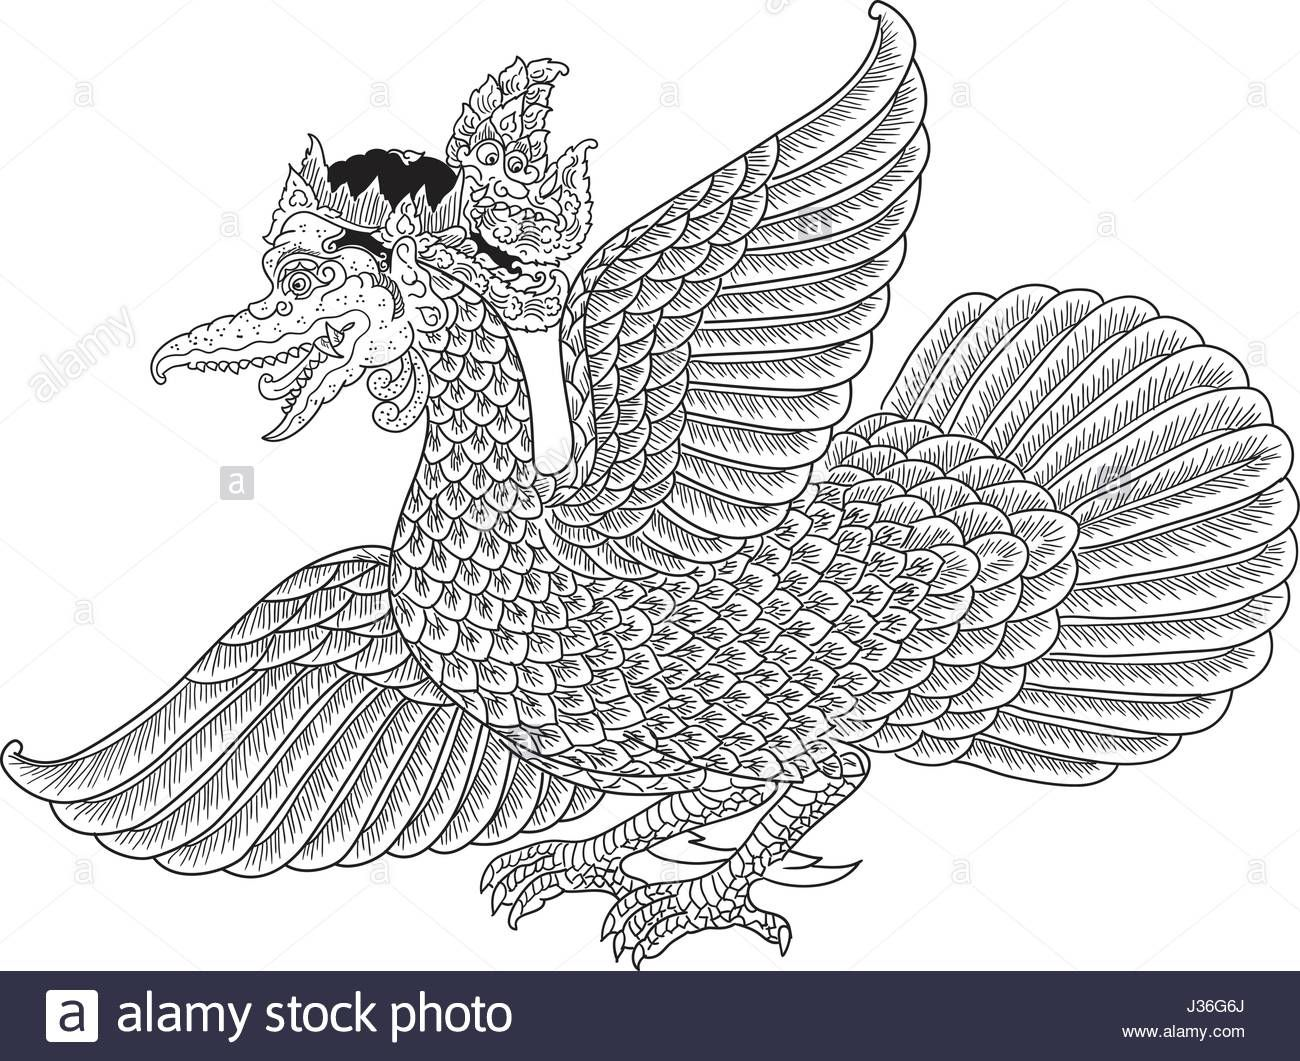 Download This Stock Vector Garuda Mahambira A Character Of